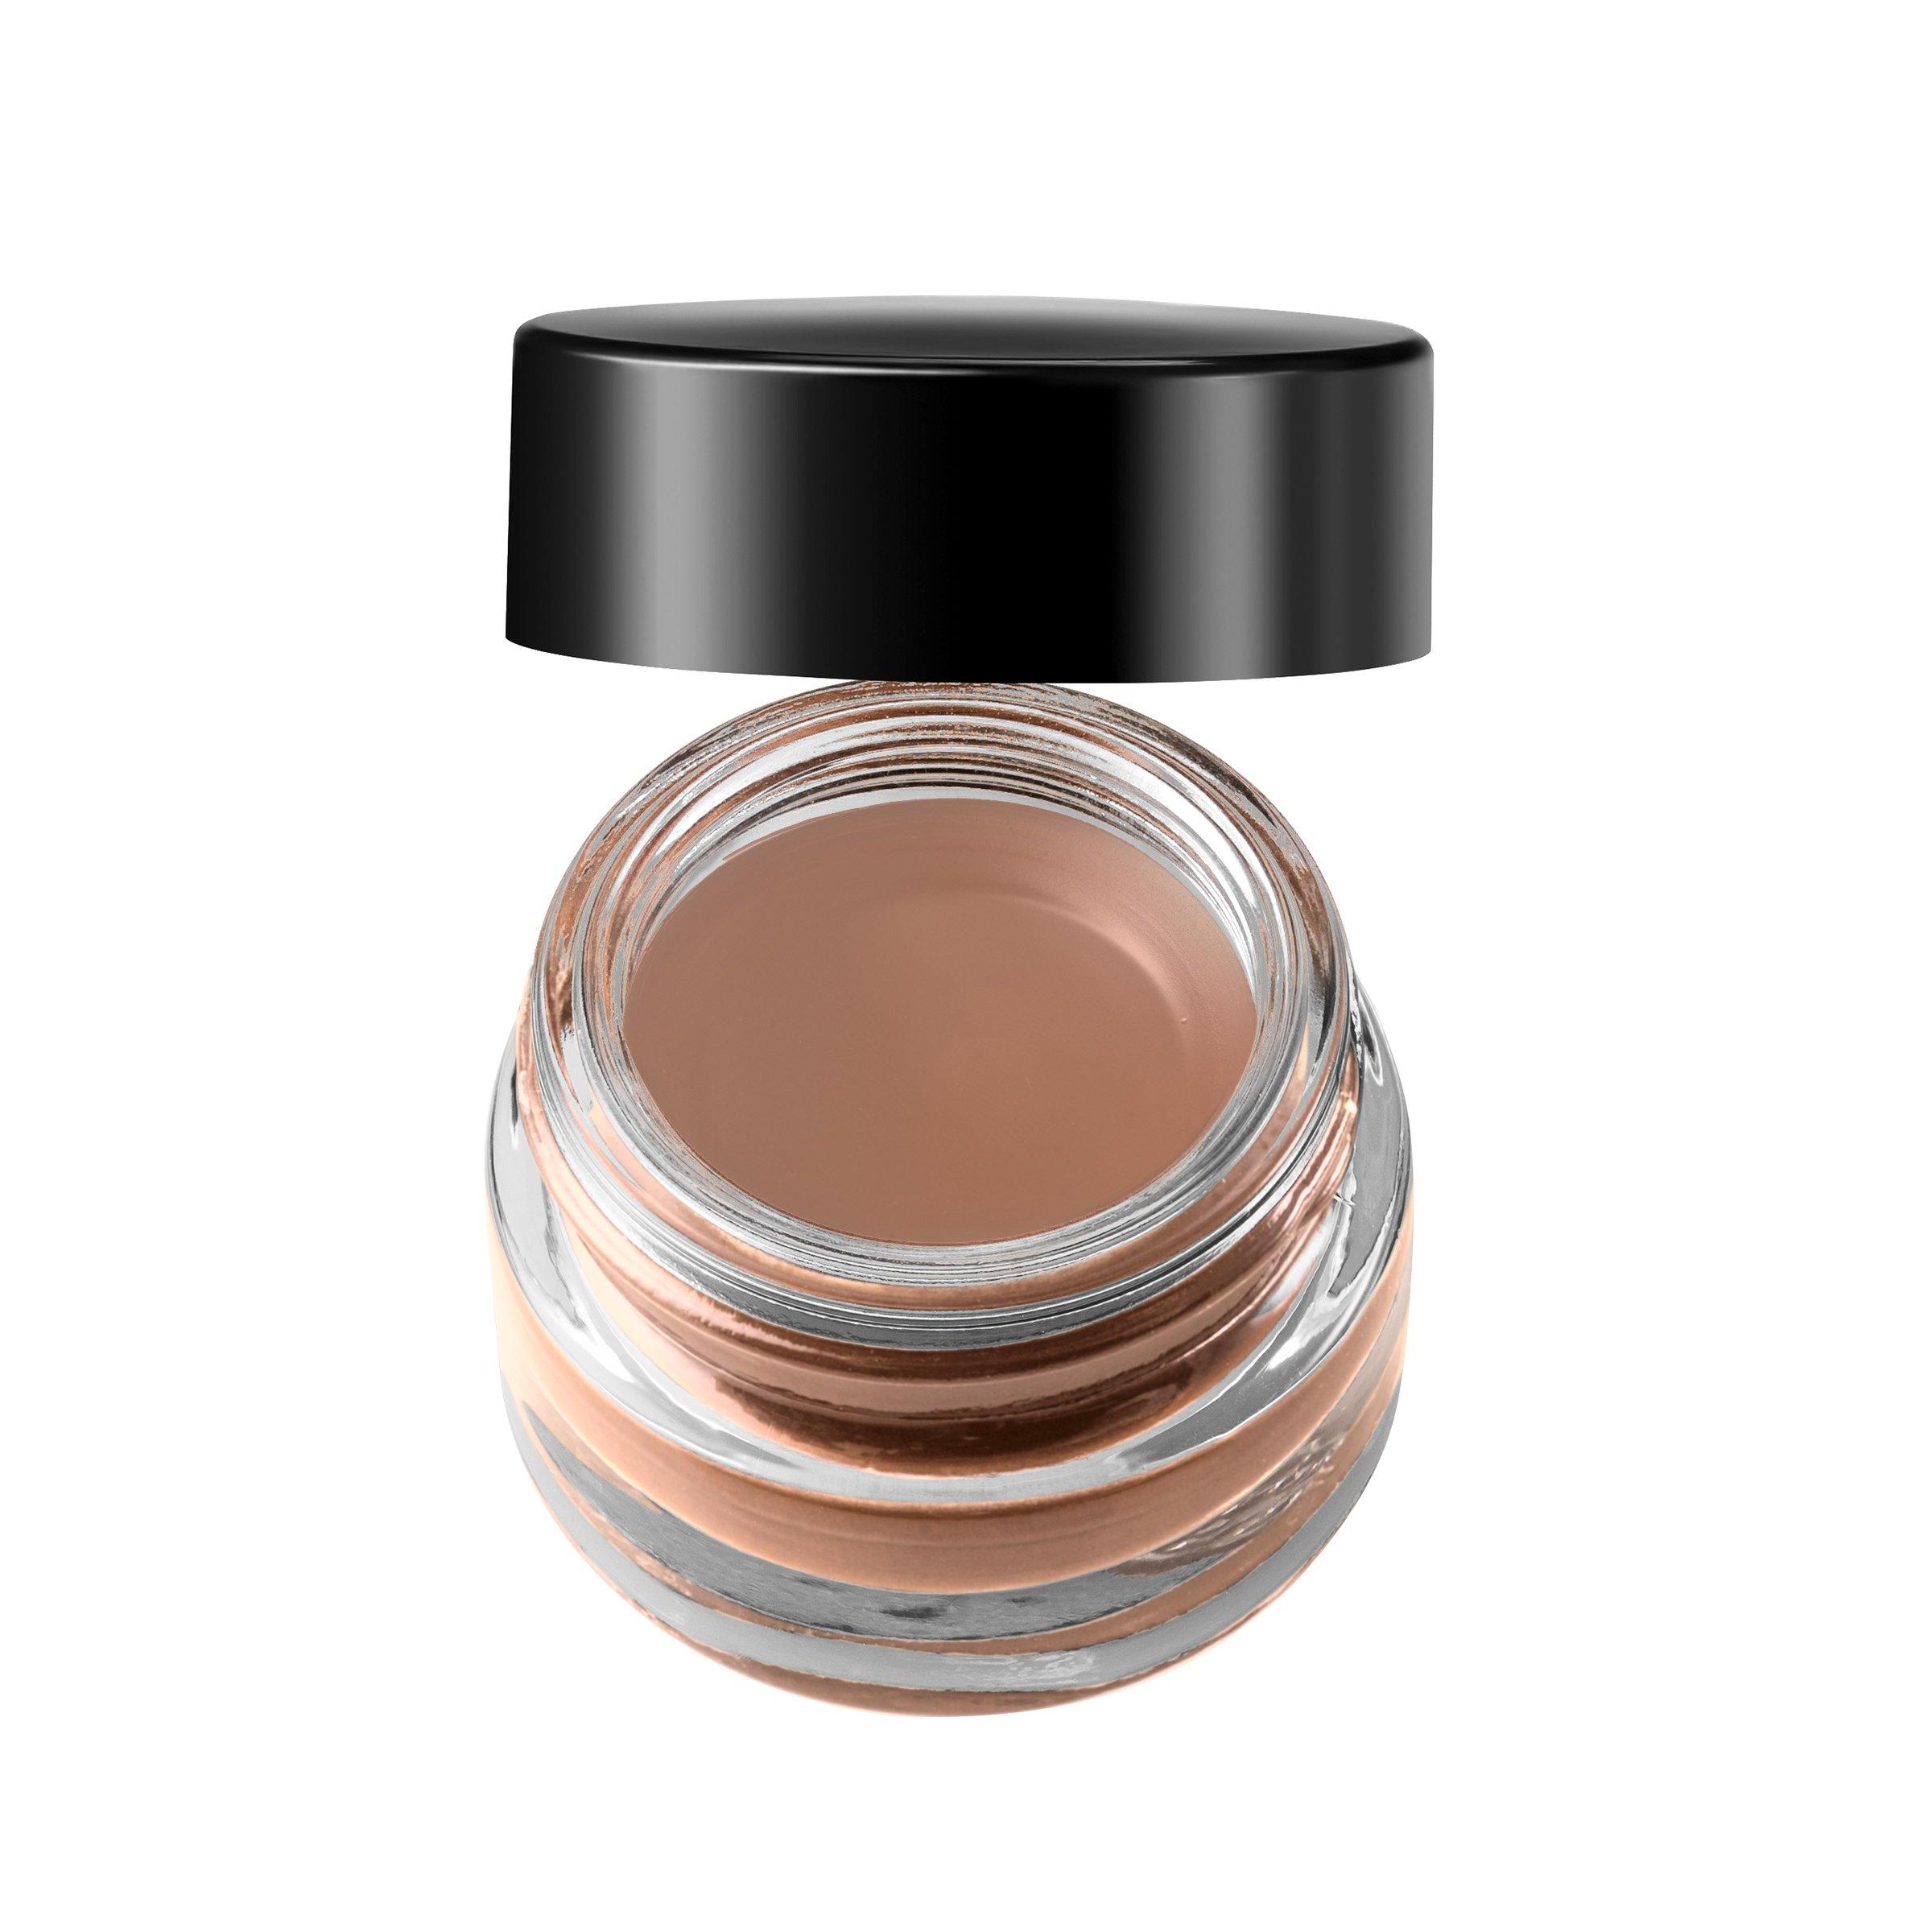 Jolie Waterproof Indelible Creme Eye Shadow 3g (Neutral Nude)